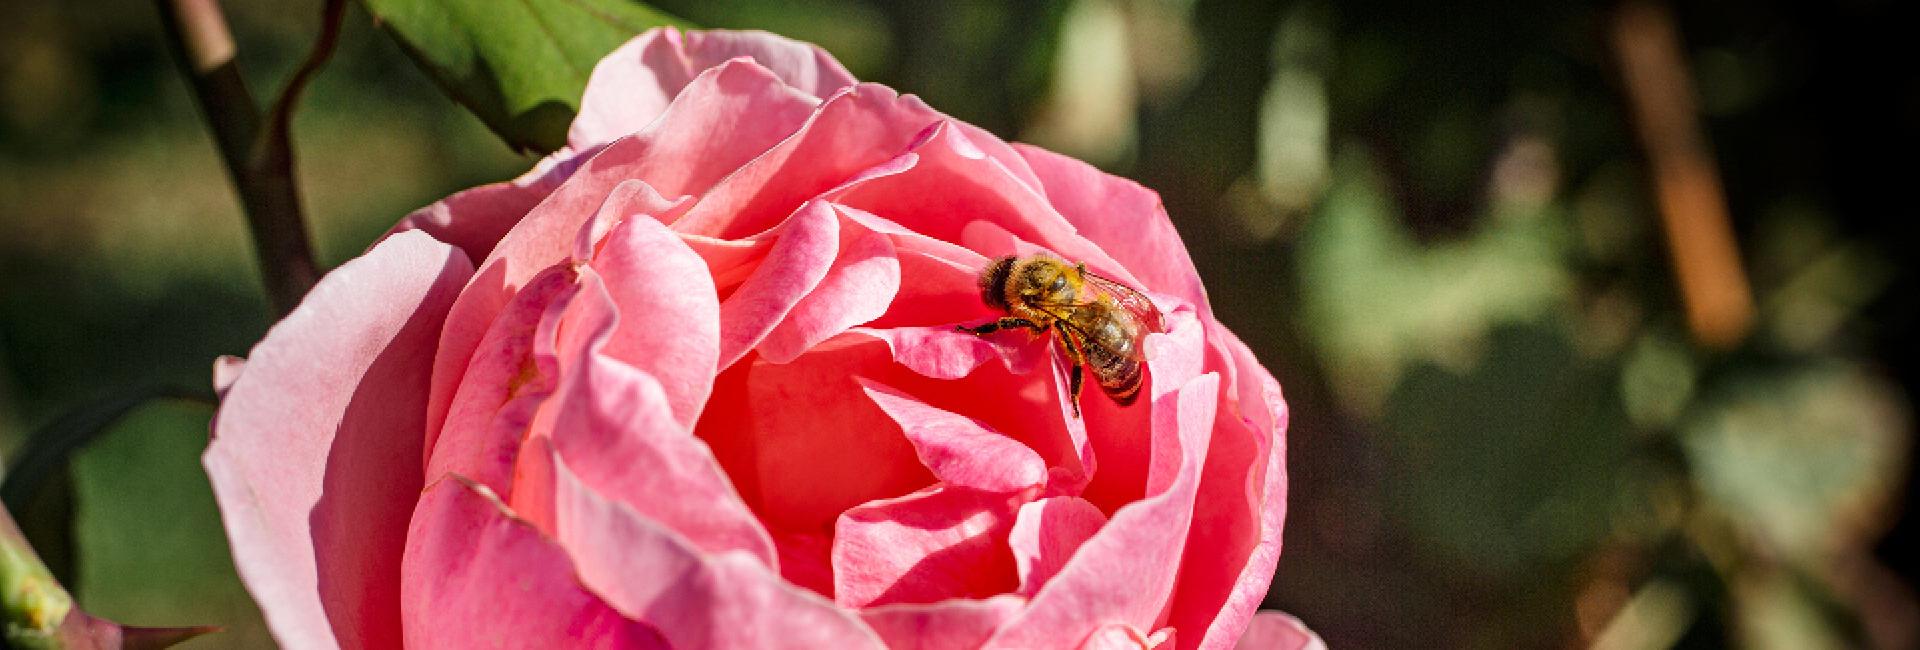 Ape posata sulla rosa